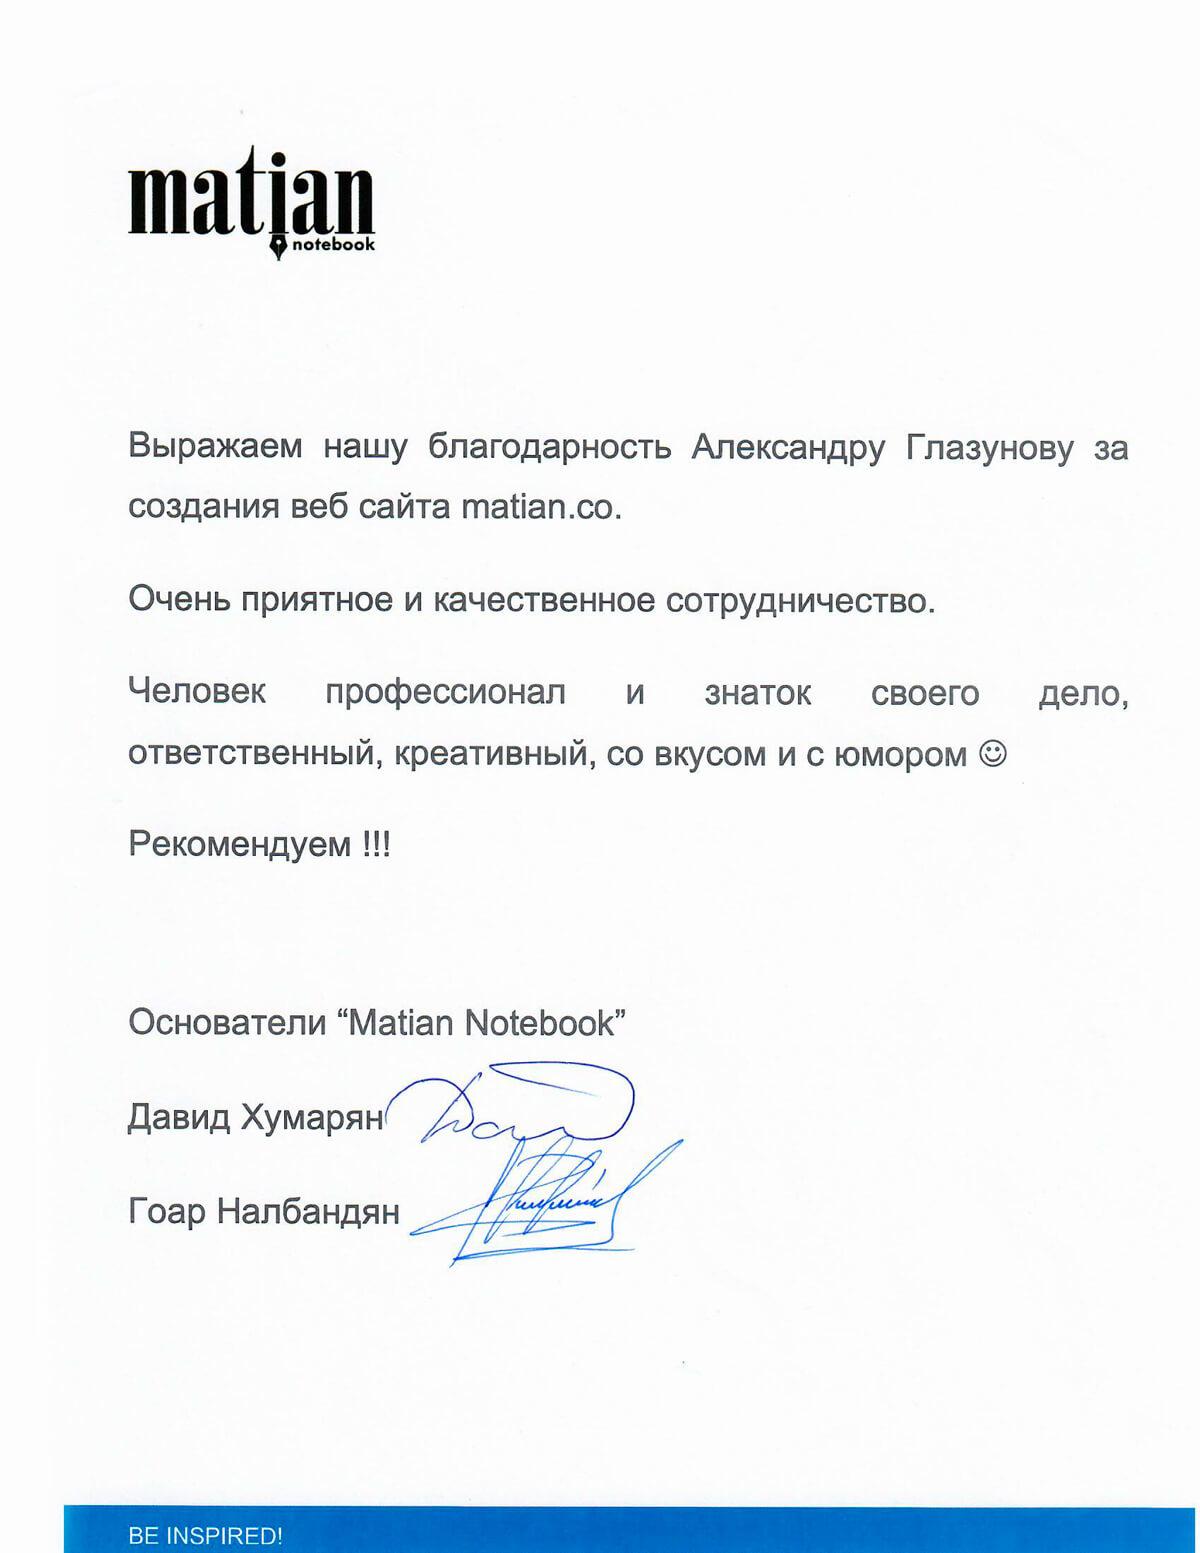 Отзыв отоснователей Matian Notebook оработе над сайтом